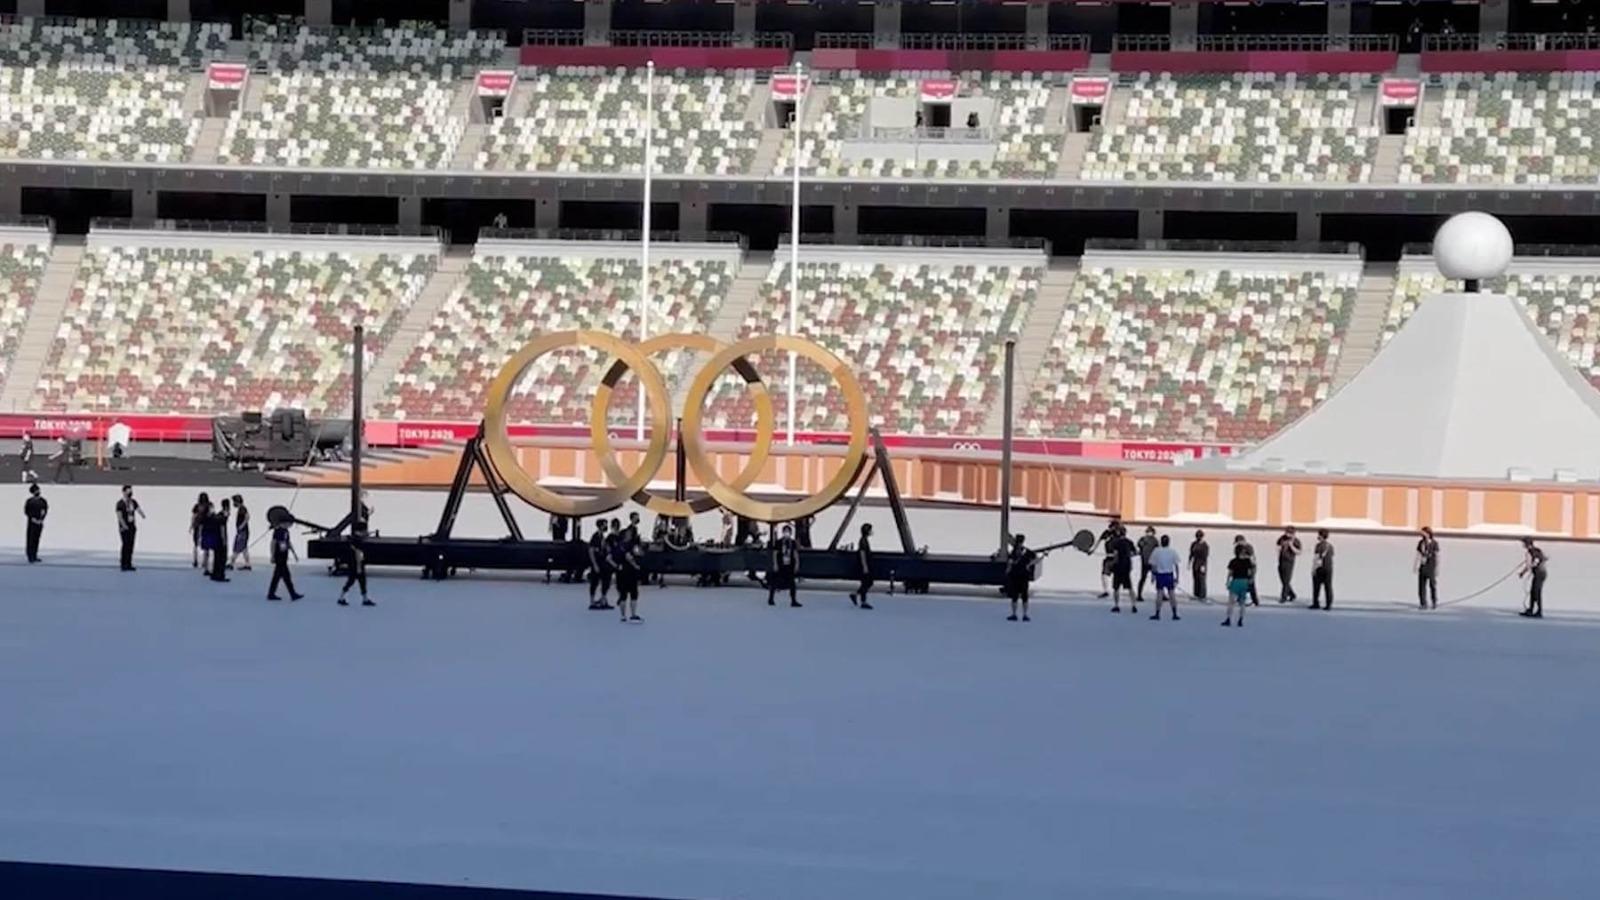 El estadio olímpico de Tokio, listo para una cita histórica.